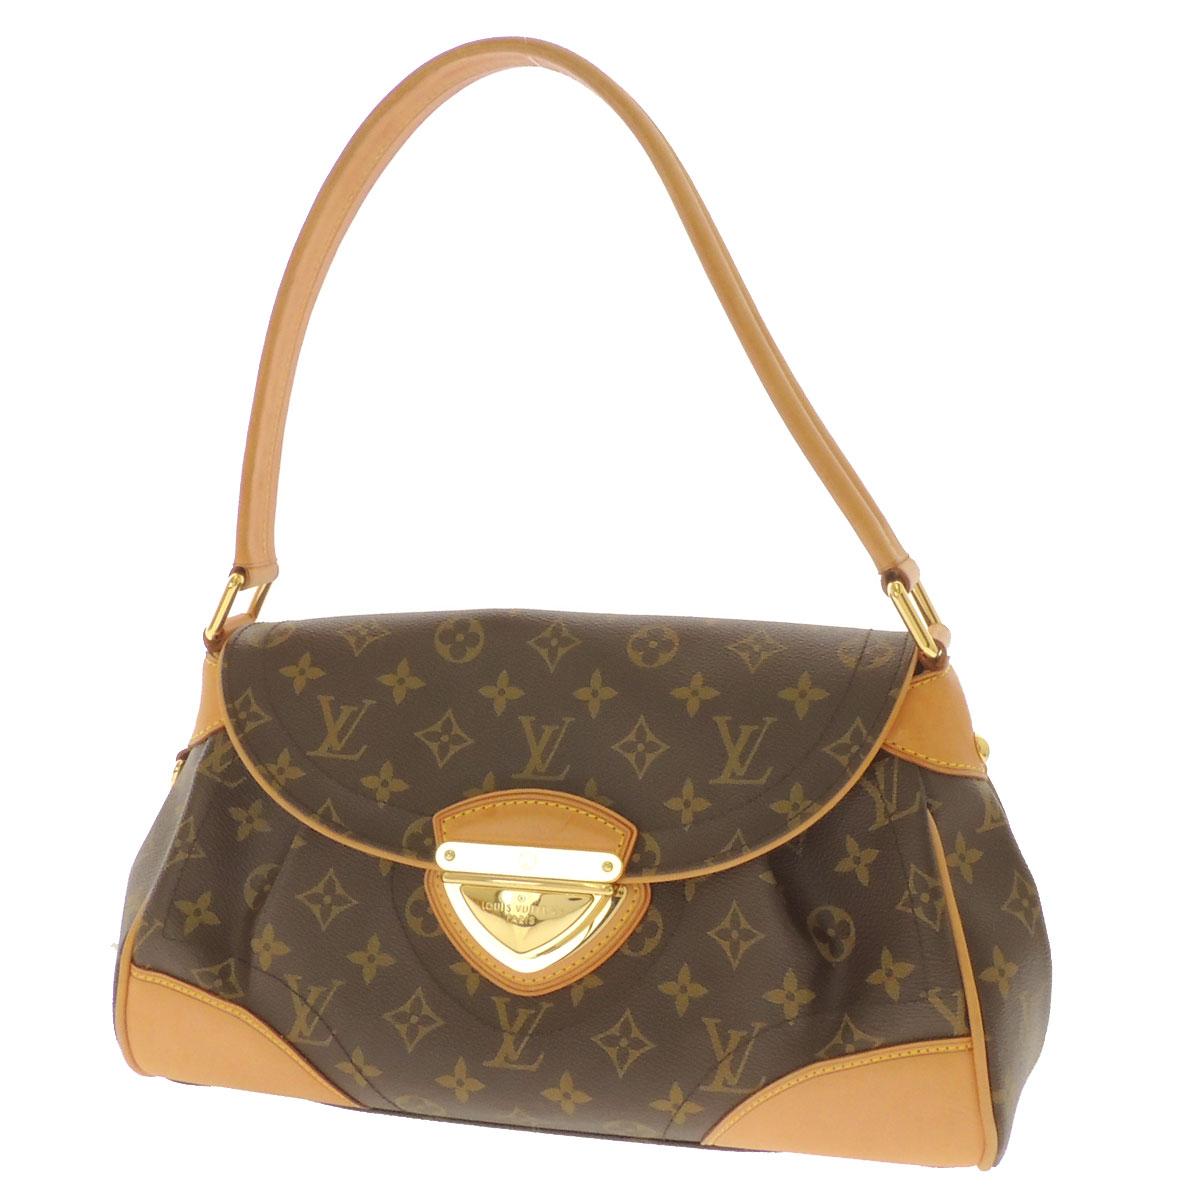 Women's shoulder bag Monogram Canvas, LOUIS VUITTON Beverly MM M40121